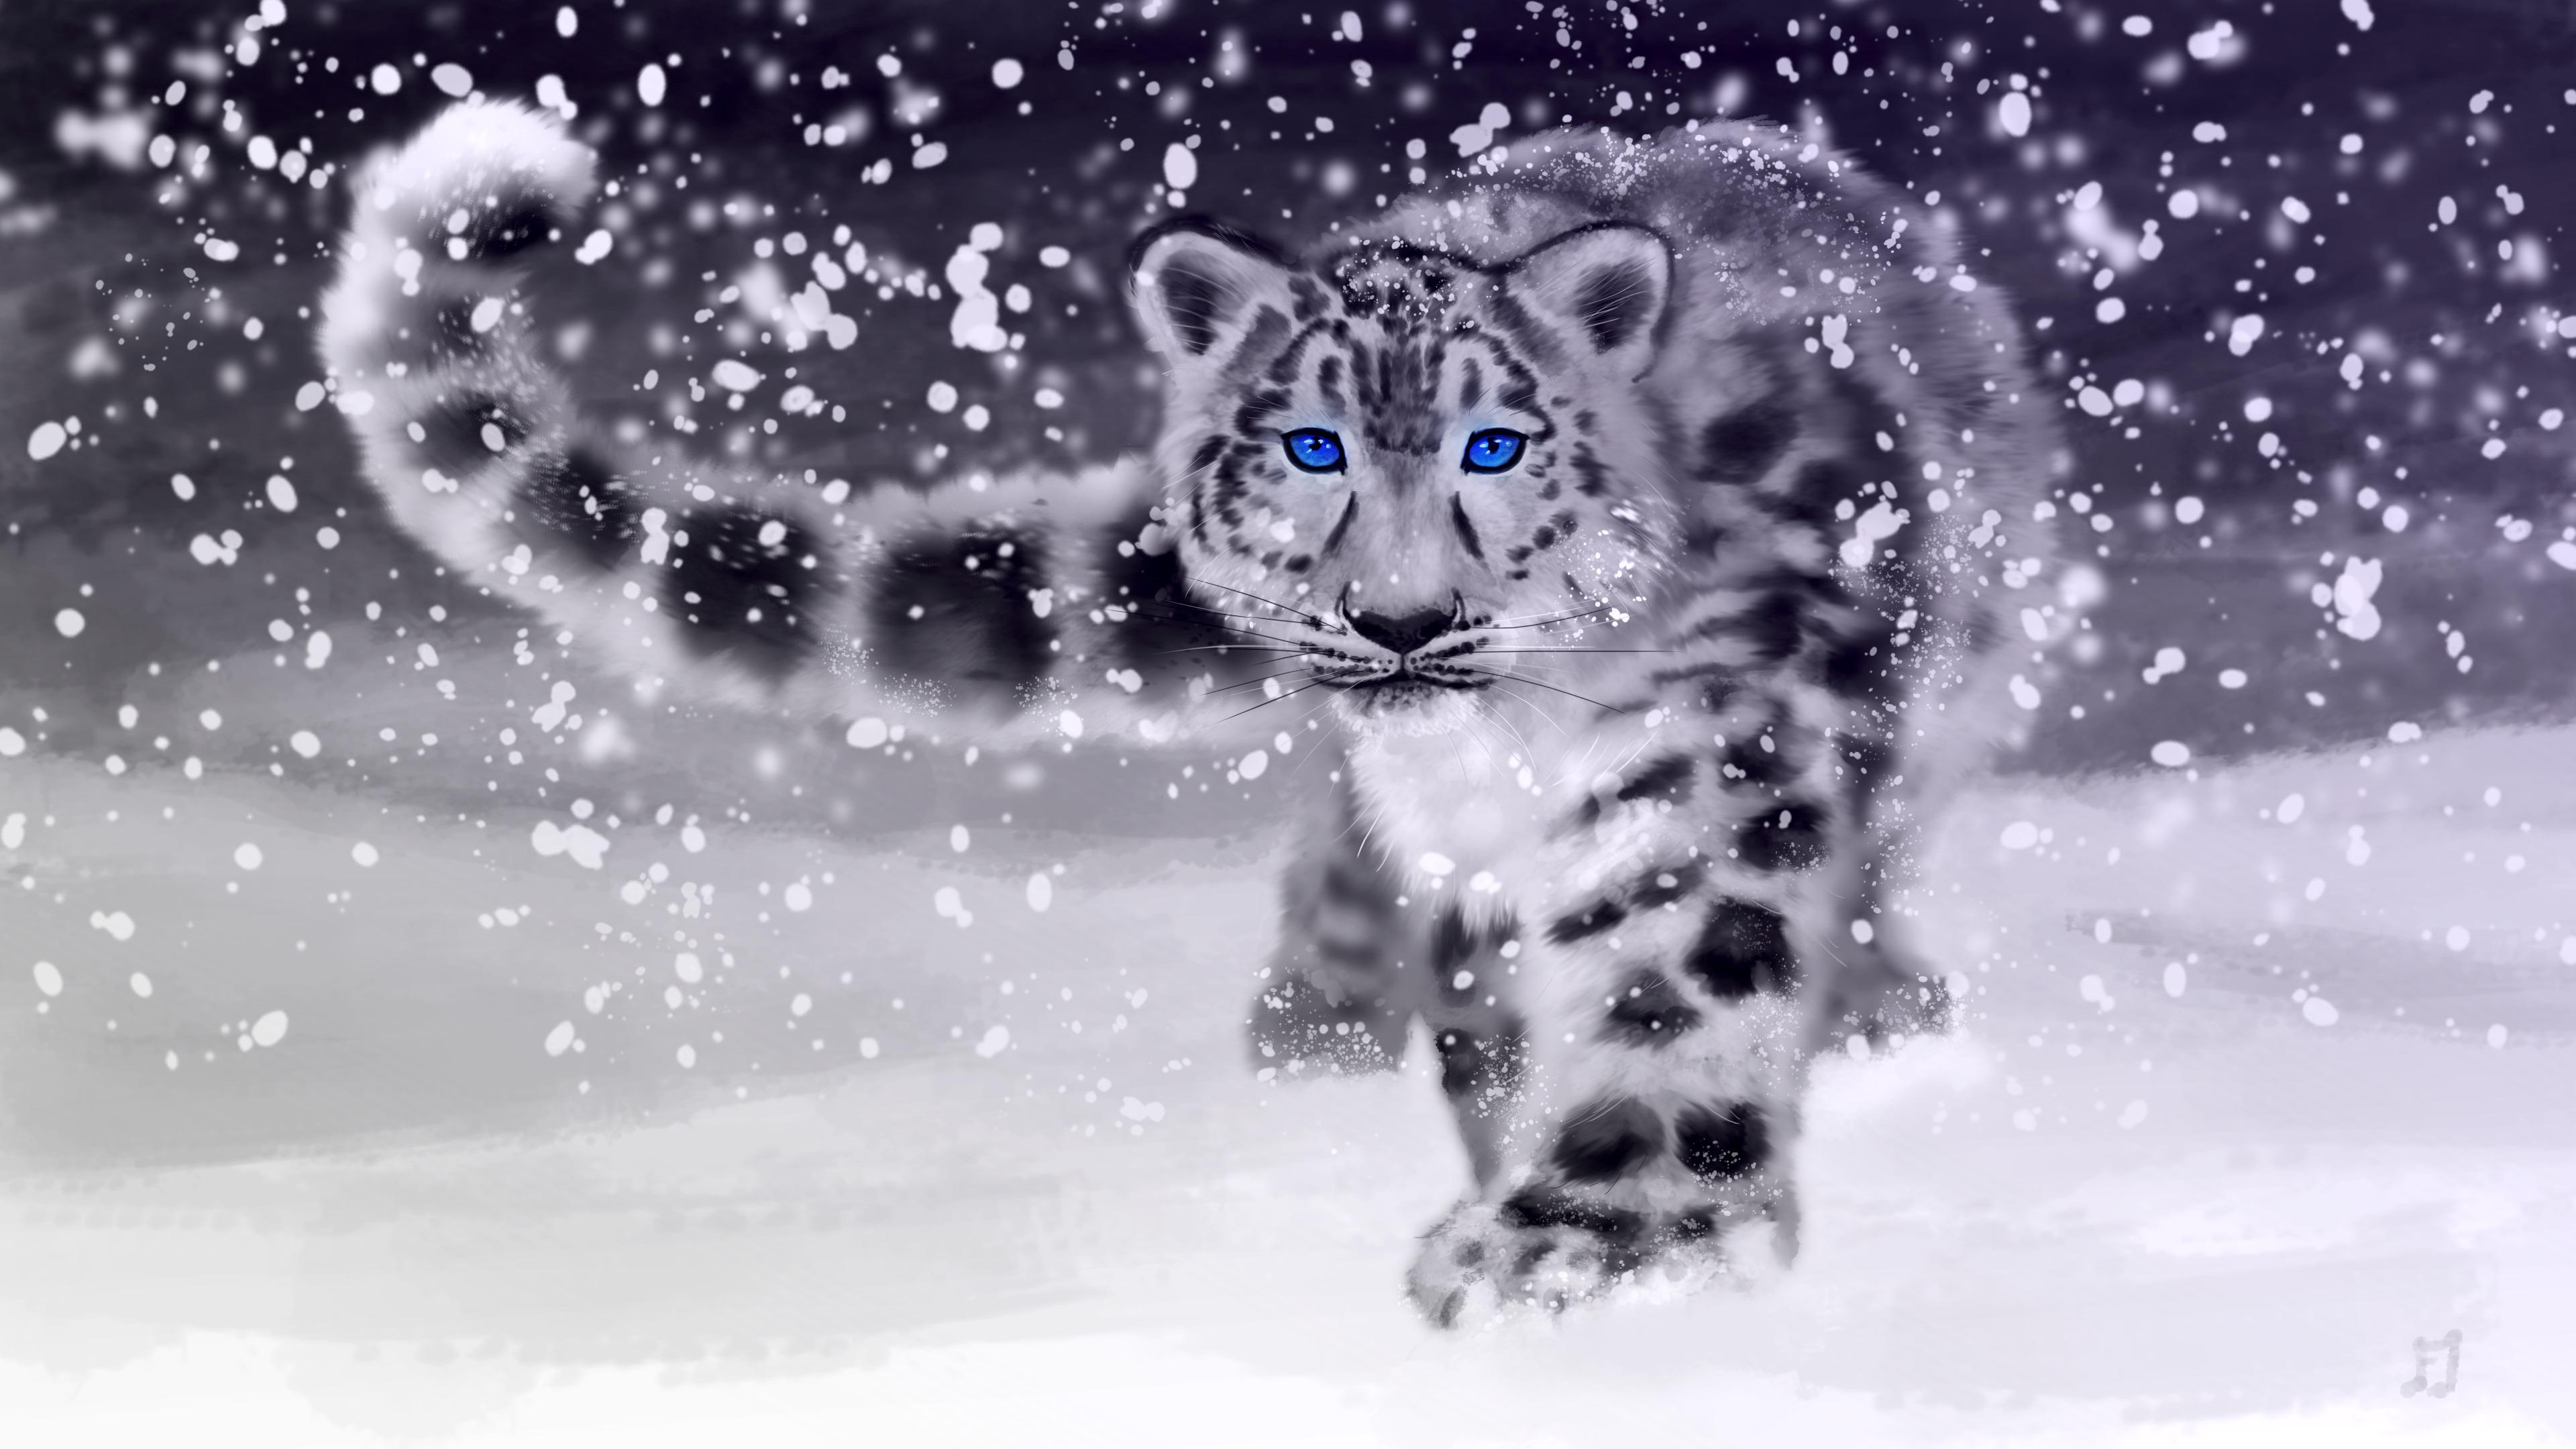 Snow Leopard by Matou31